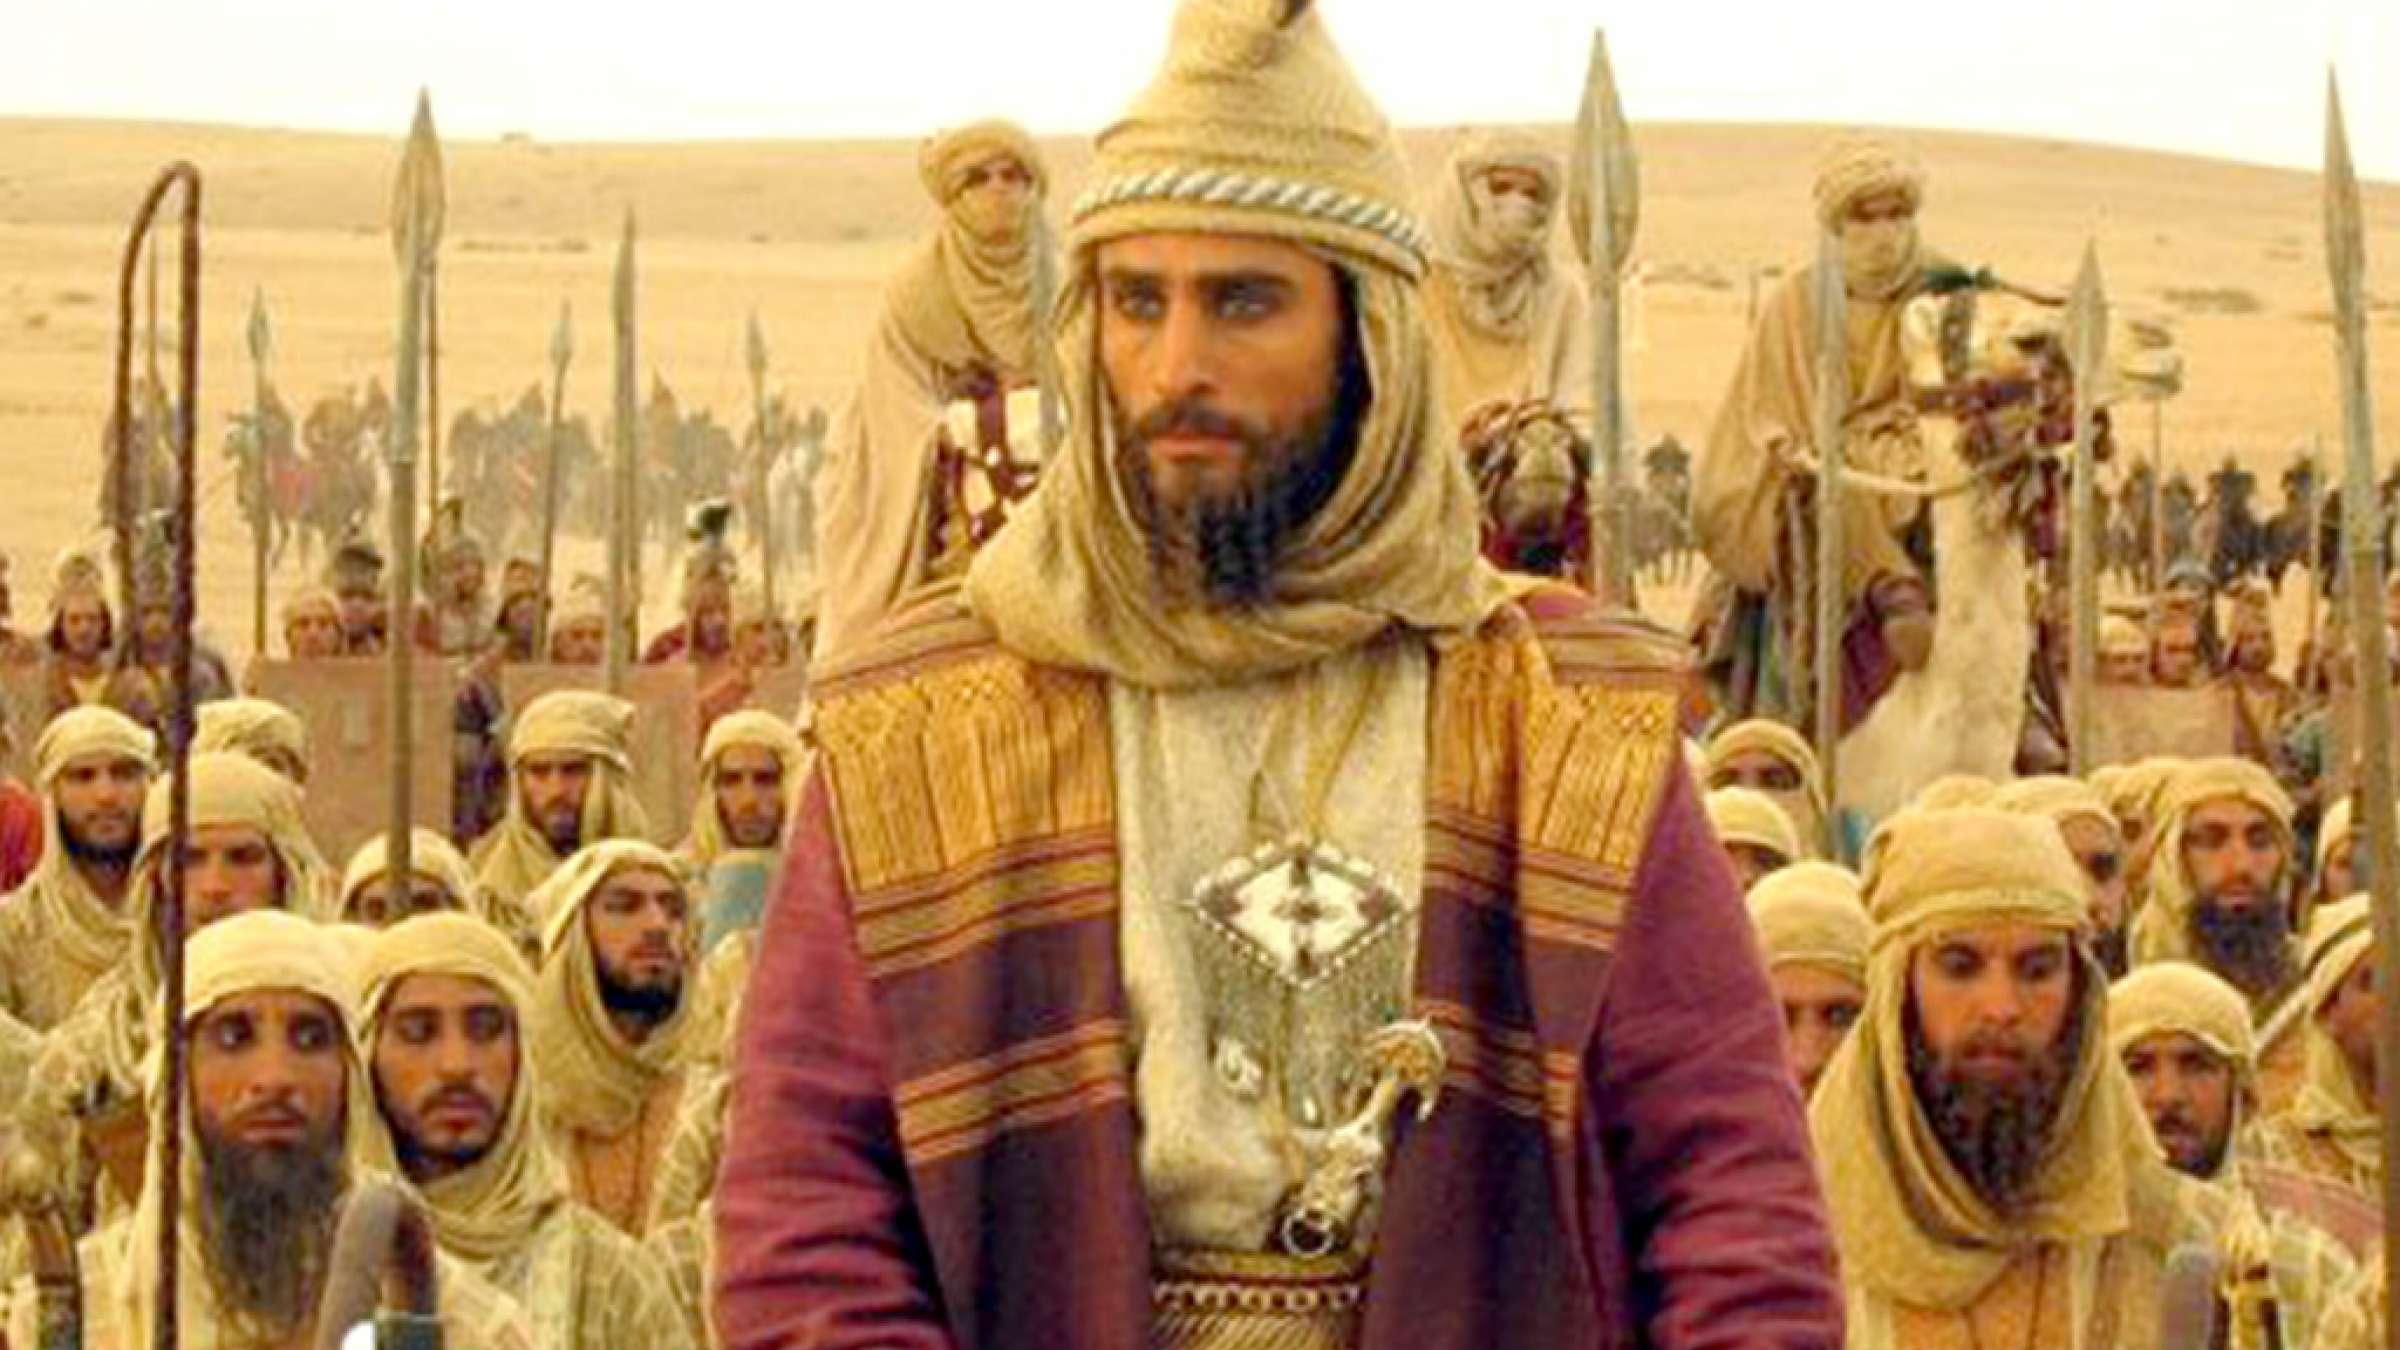 ادبیات-گل-محمدی-نبرد-داریوش-سوم-با-اسکندر-و-پایان-هخامنشیان